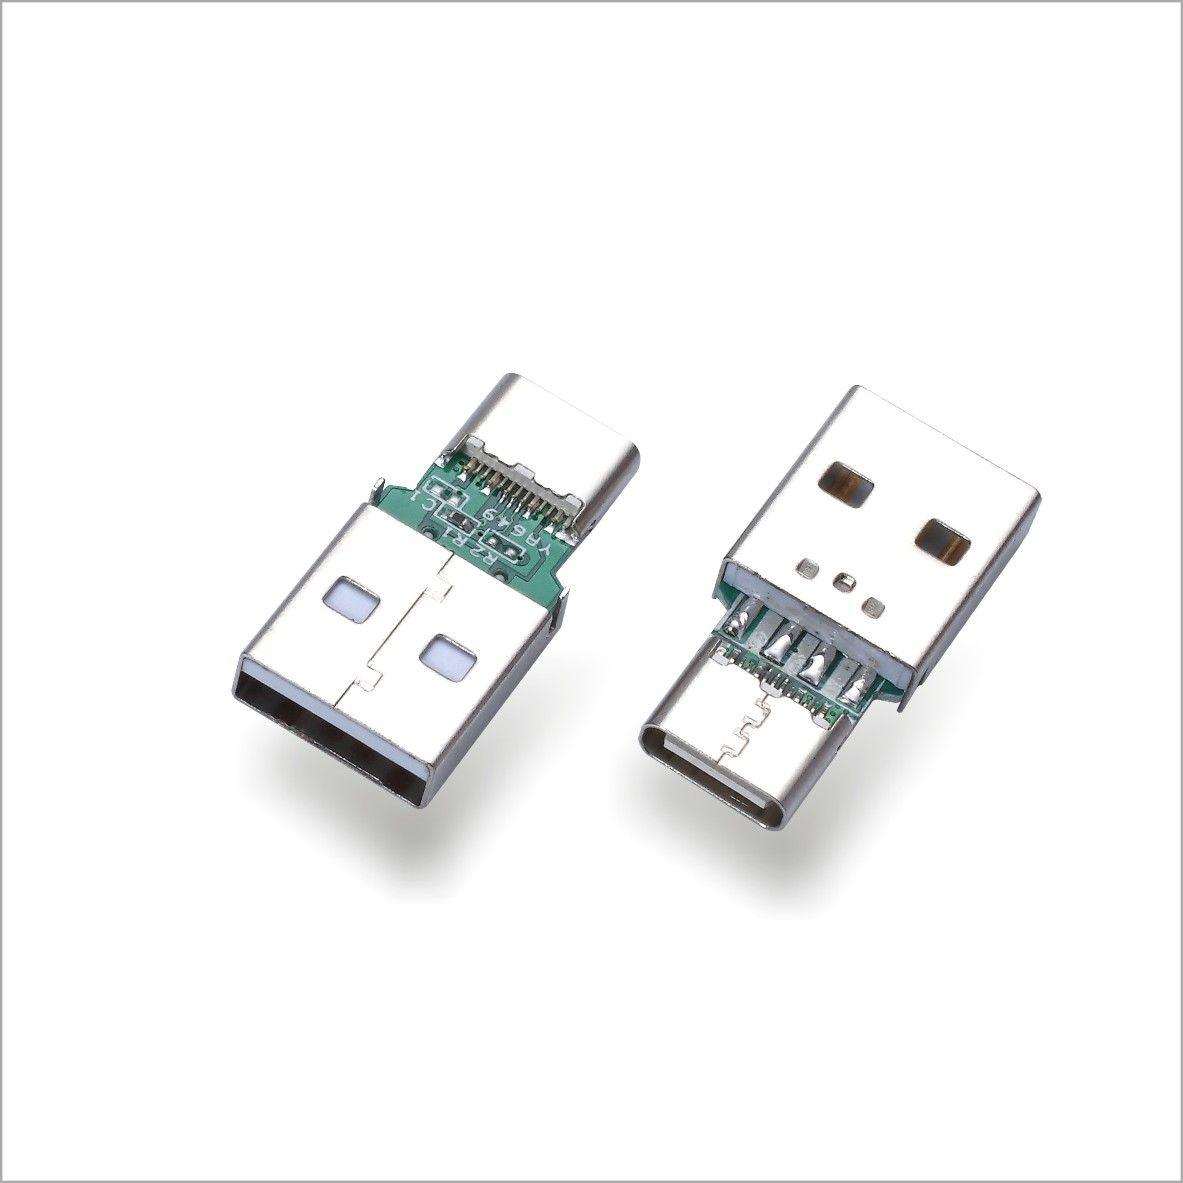 厂家直销USB2.0A母转TYPEC公头